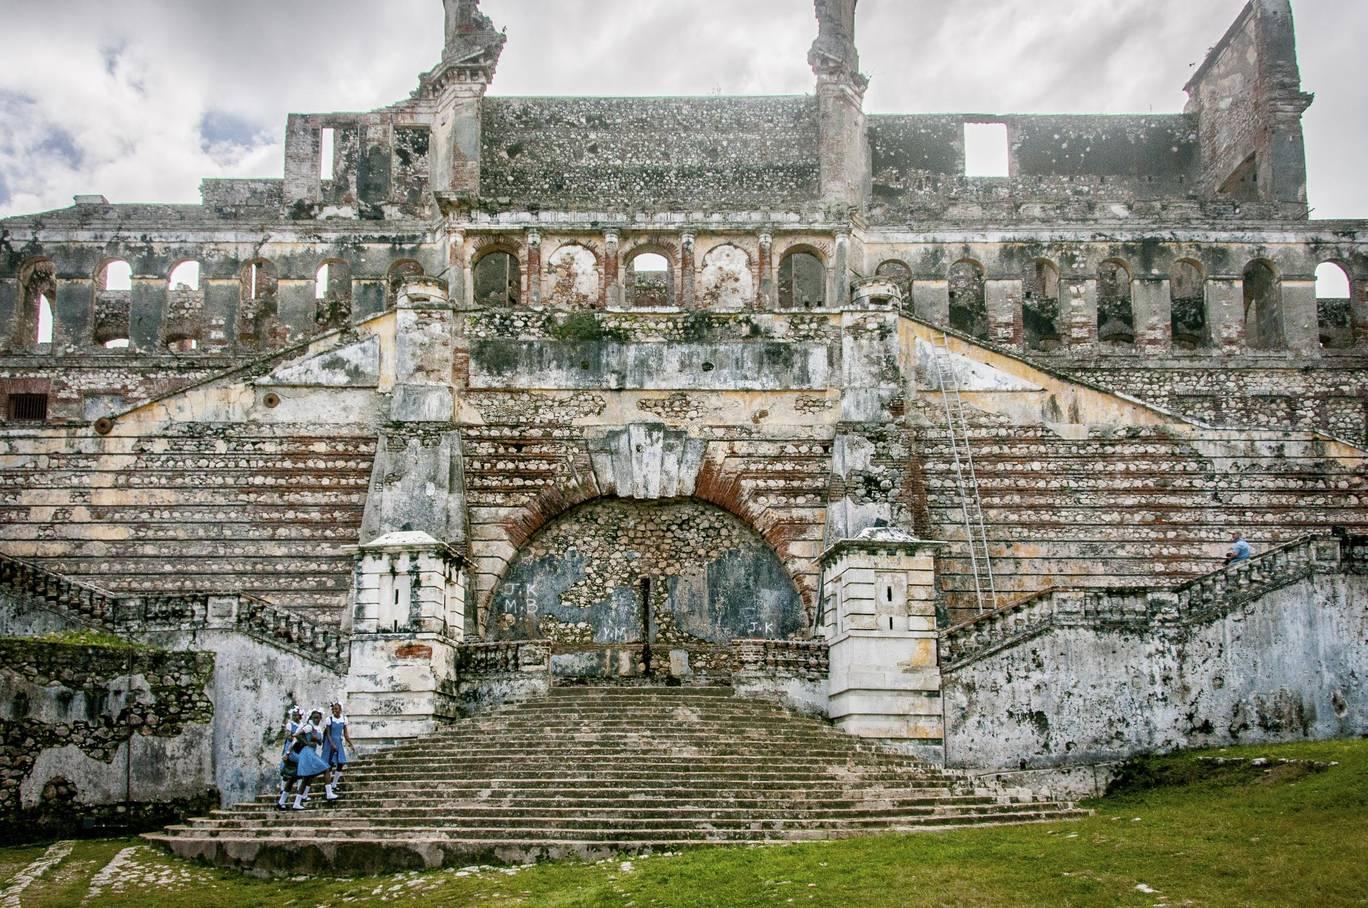 haiti-milot-sans-souci-palace-gma8290-lg-rgb.jpg